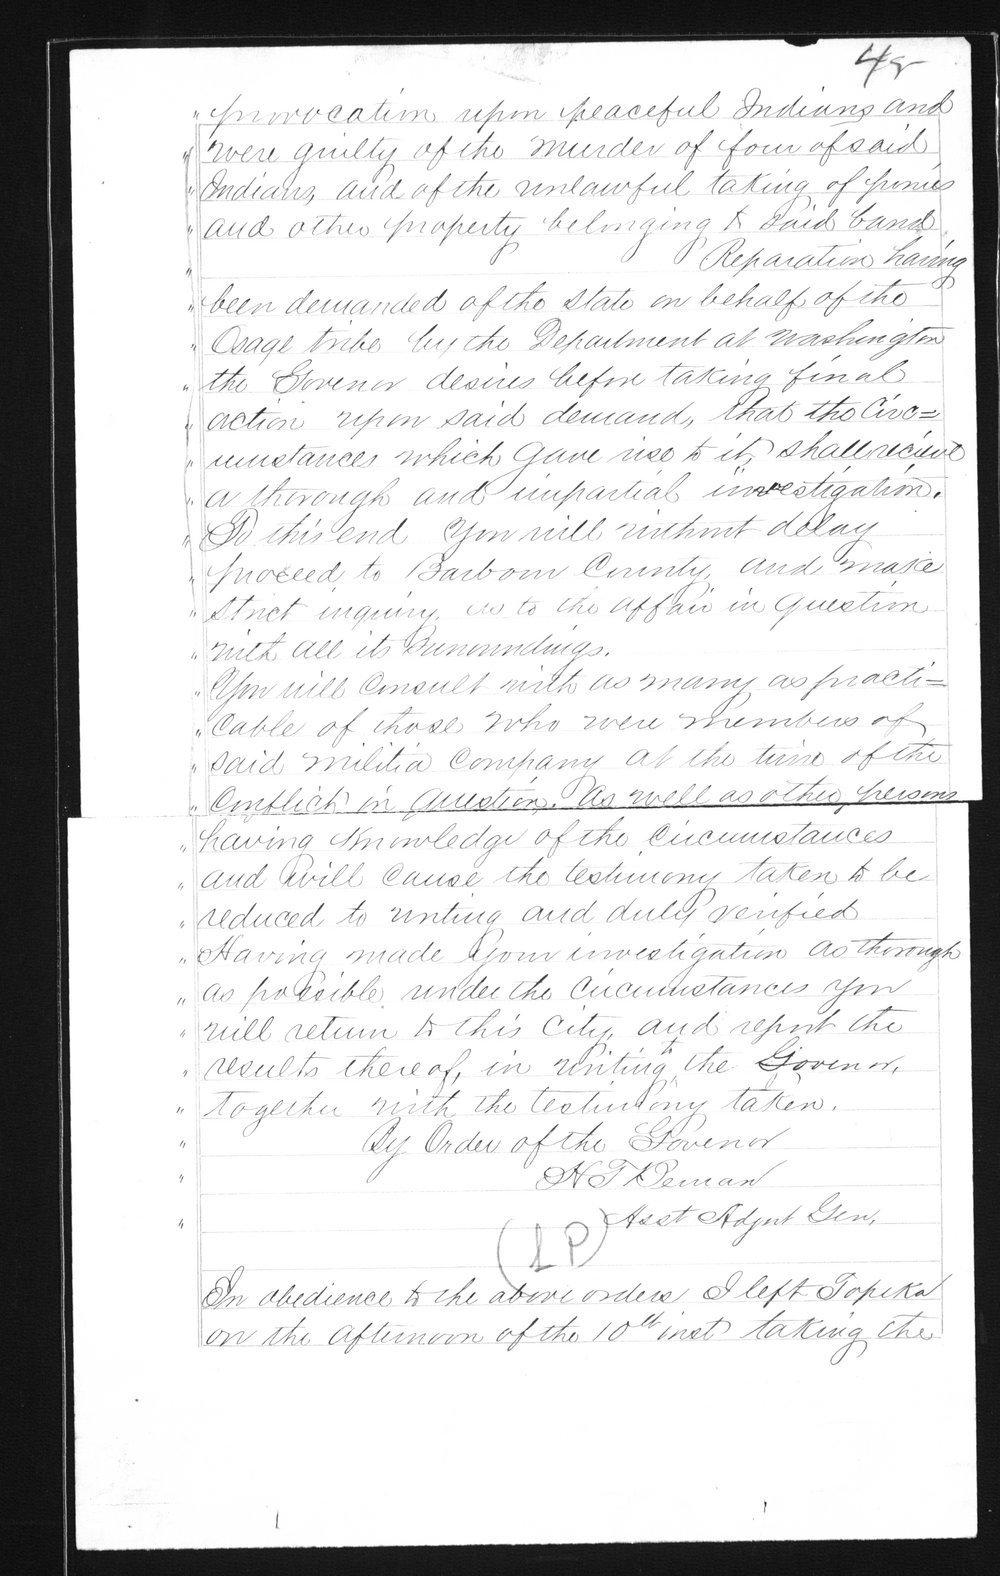 Captain Lewis Hanback's final report - 48